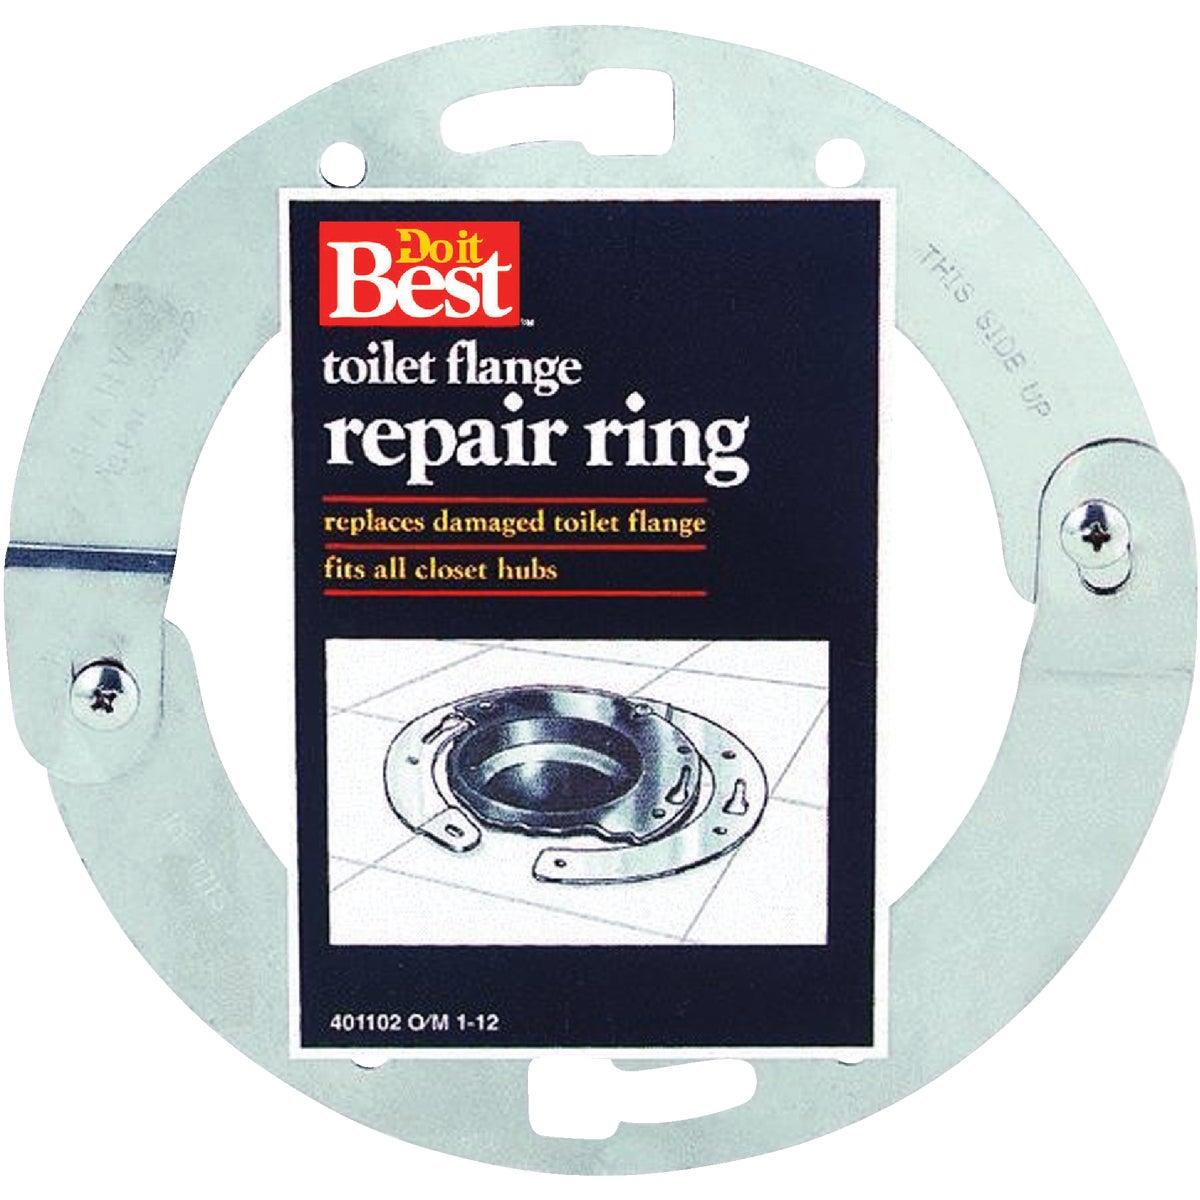 TOILET FLANG REPAIR RING